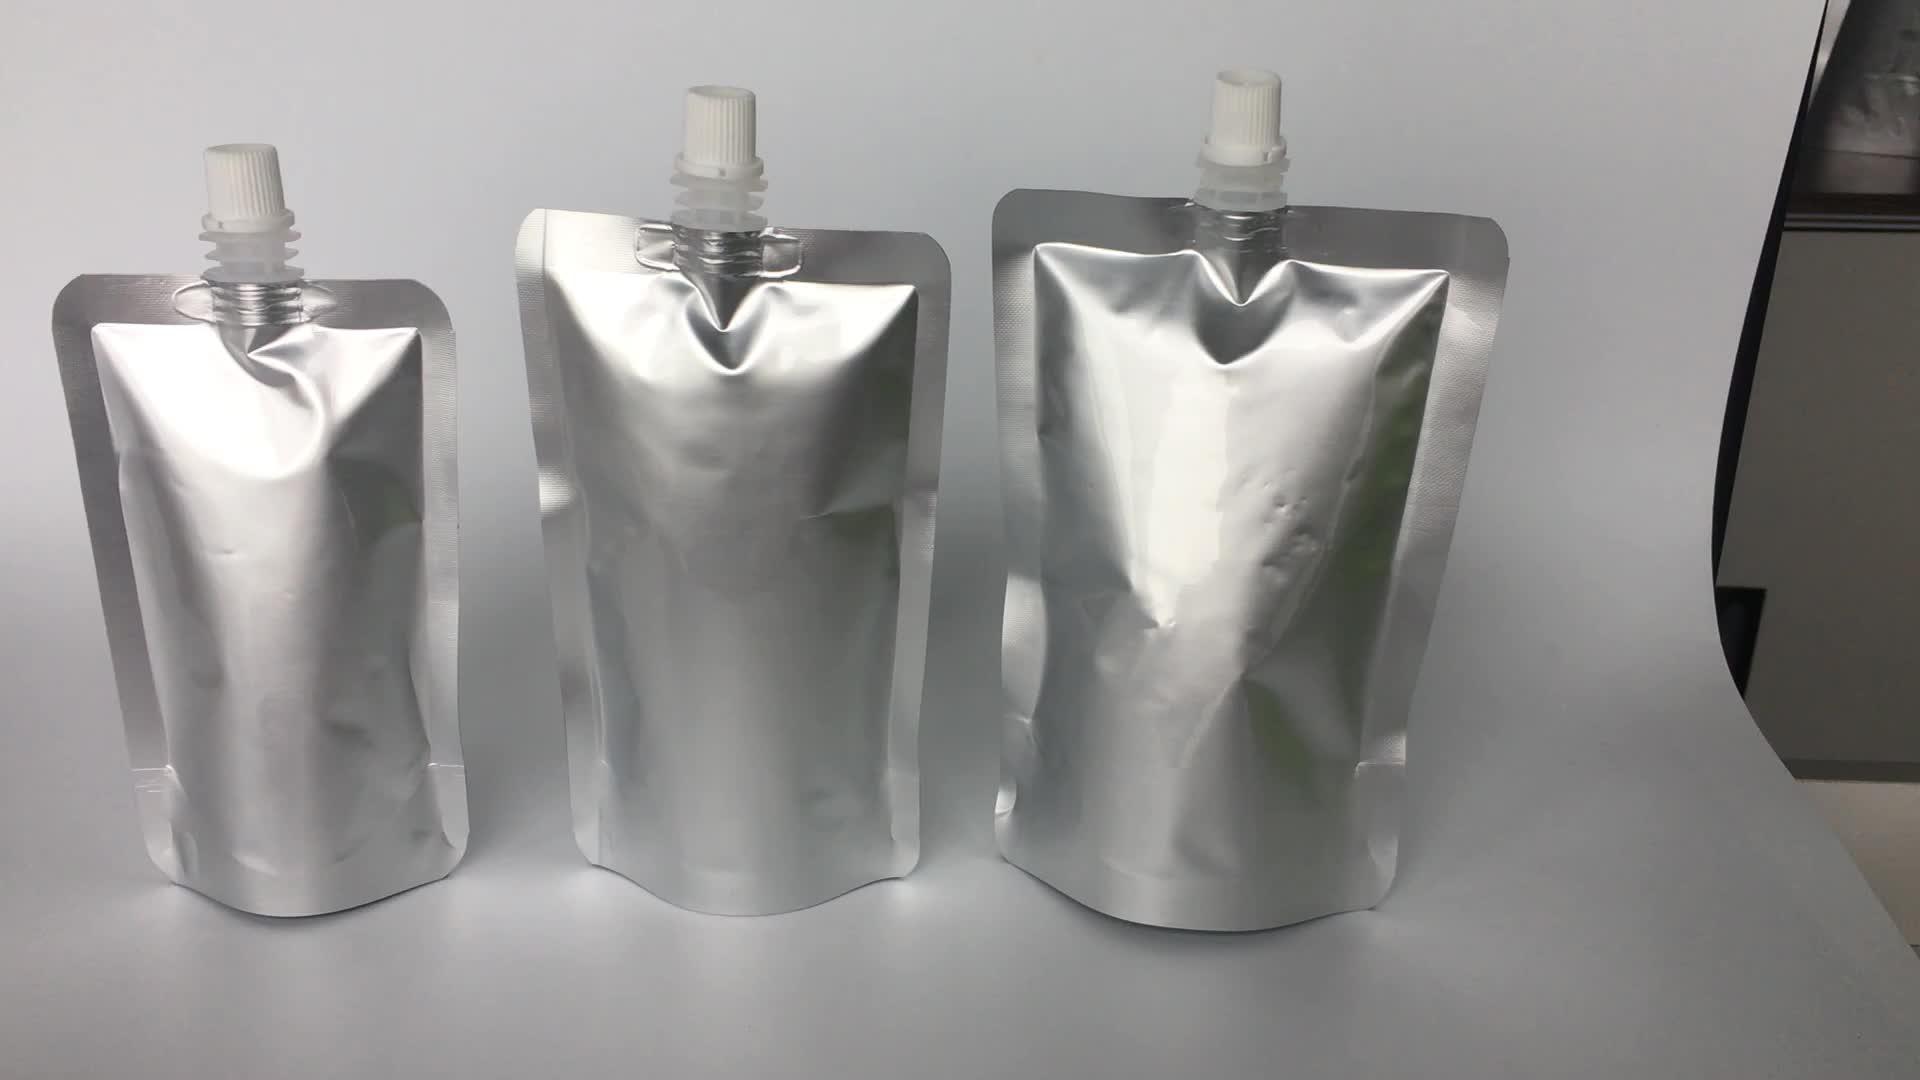 最高品質の純粋なアルミ箔スパウトパウチでハンドル 500 ミリリットル 1L 2L 3L 4L 5L 洗剤液体包装